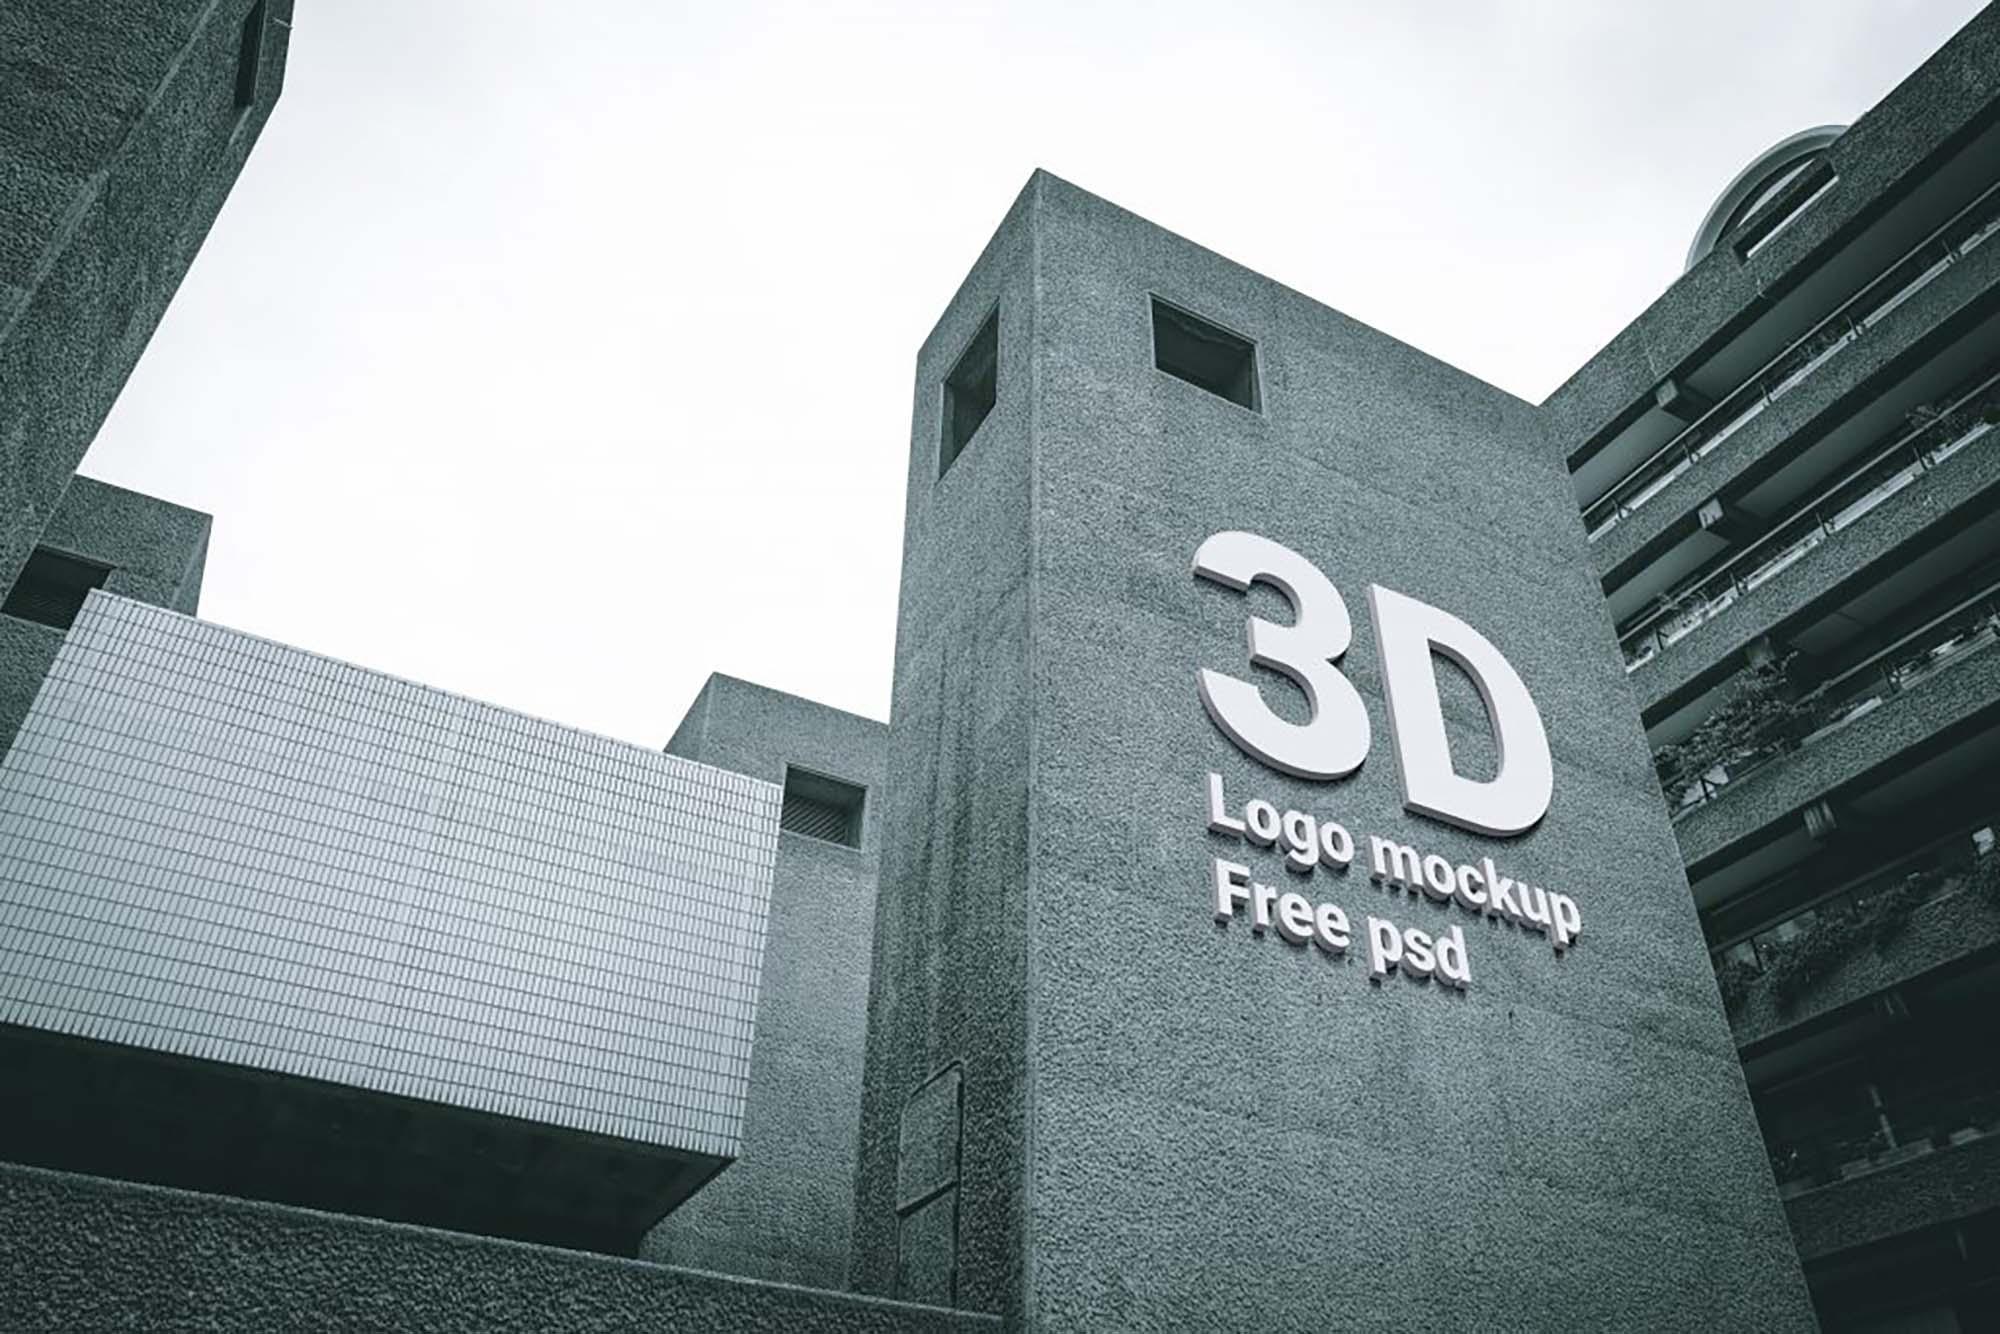 3D Logo on Building Mockup